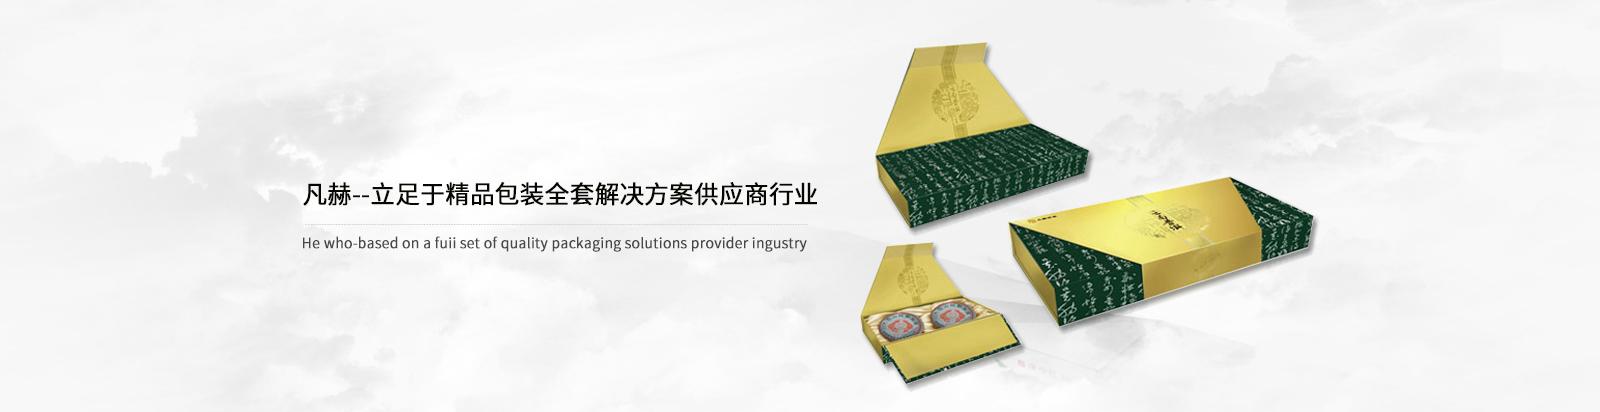 包装礼盒公司